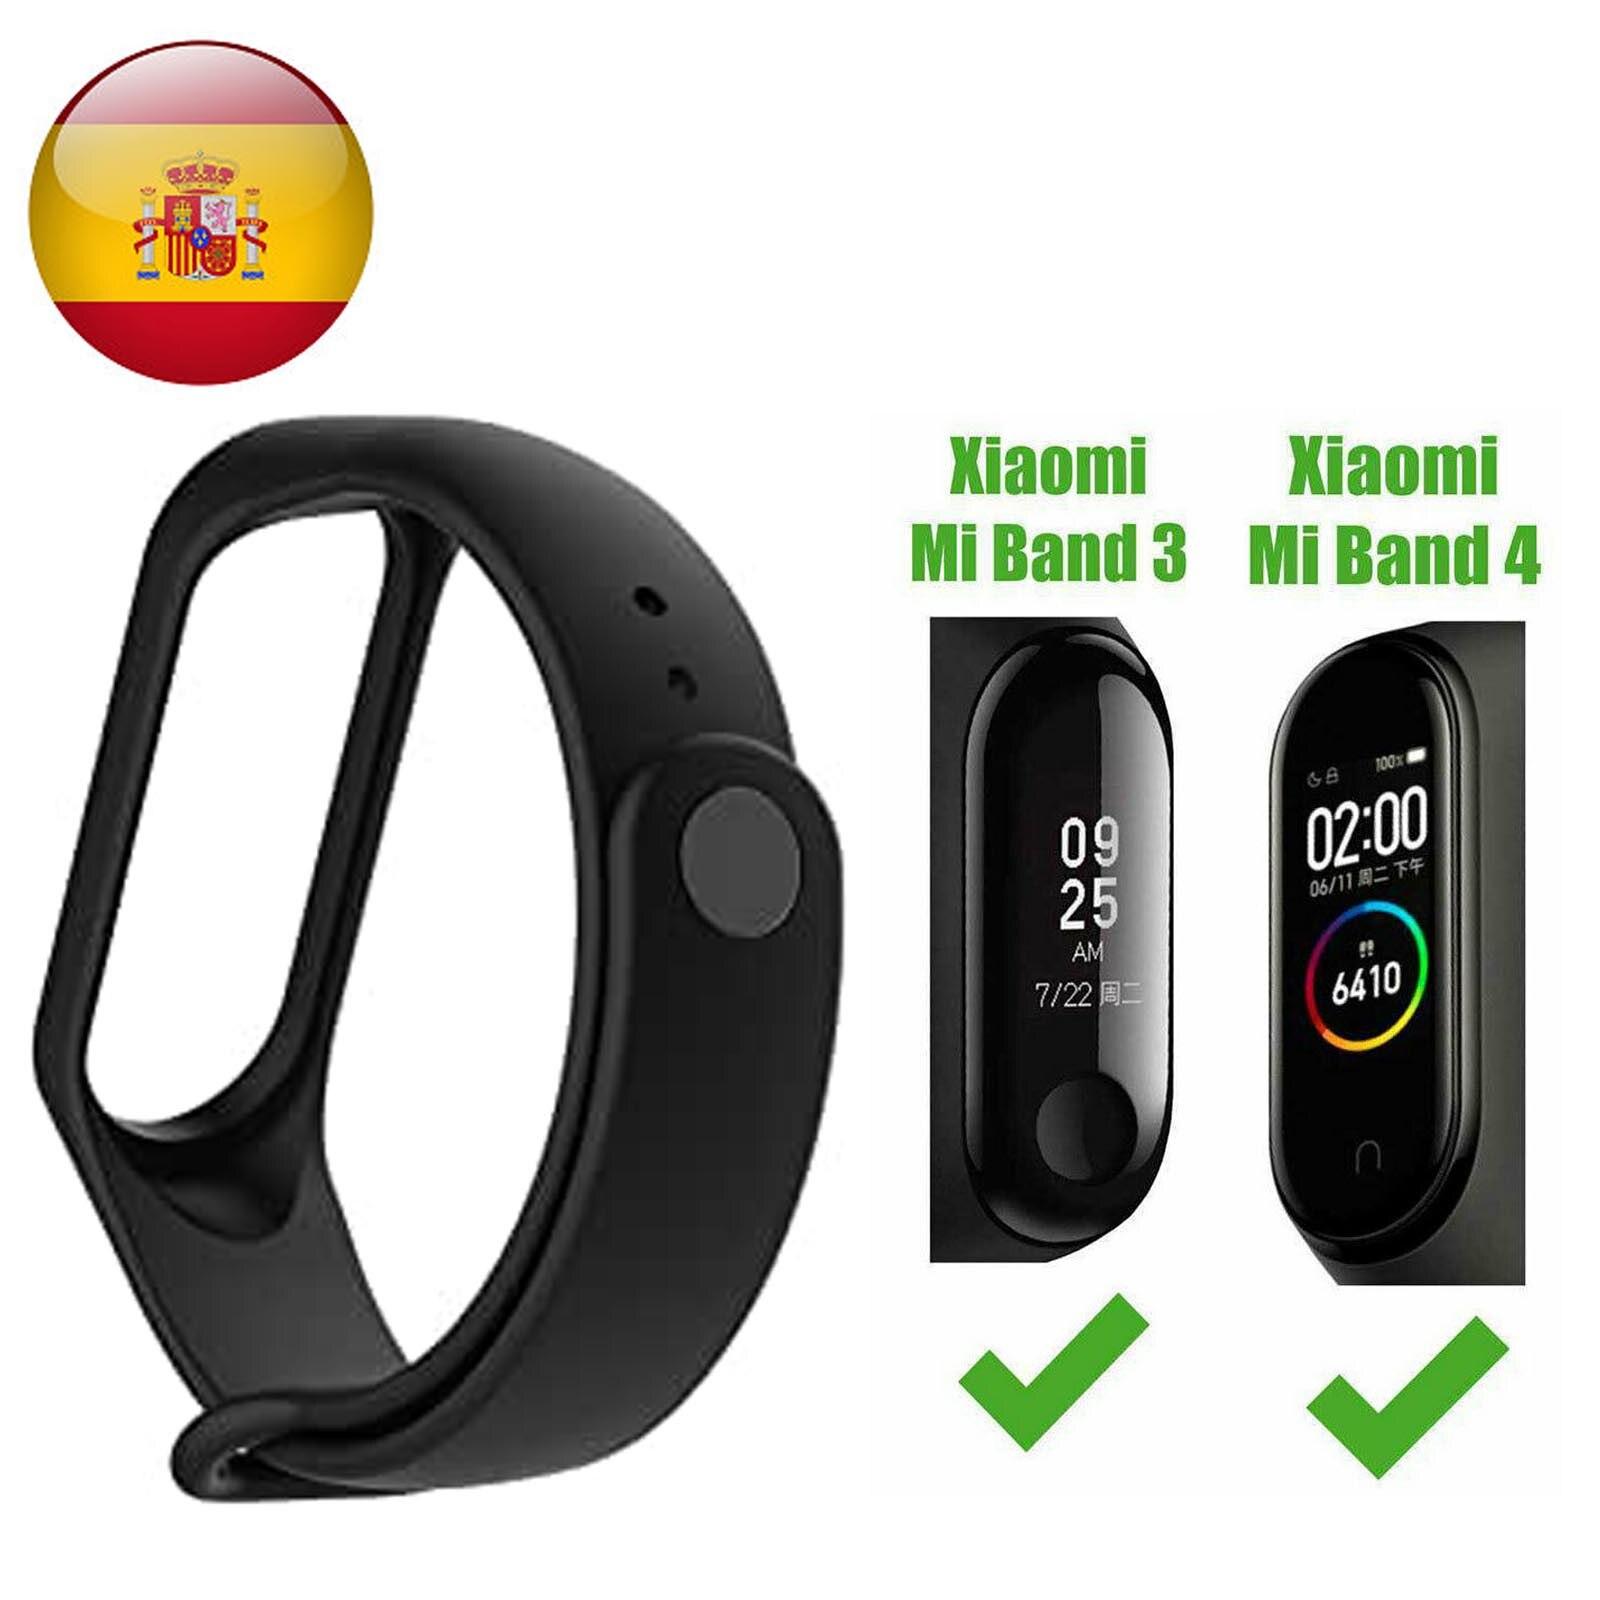 Смарт-часы Xiaomi Mi band, черный браслет для активного отдыха, для Xiaomi Mi Band 4 3